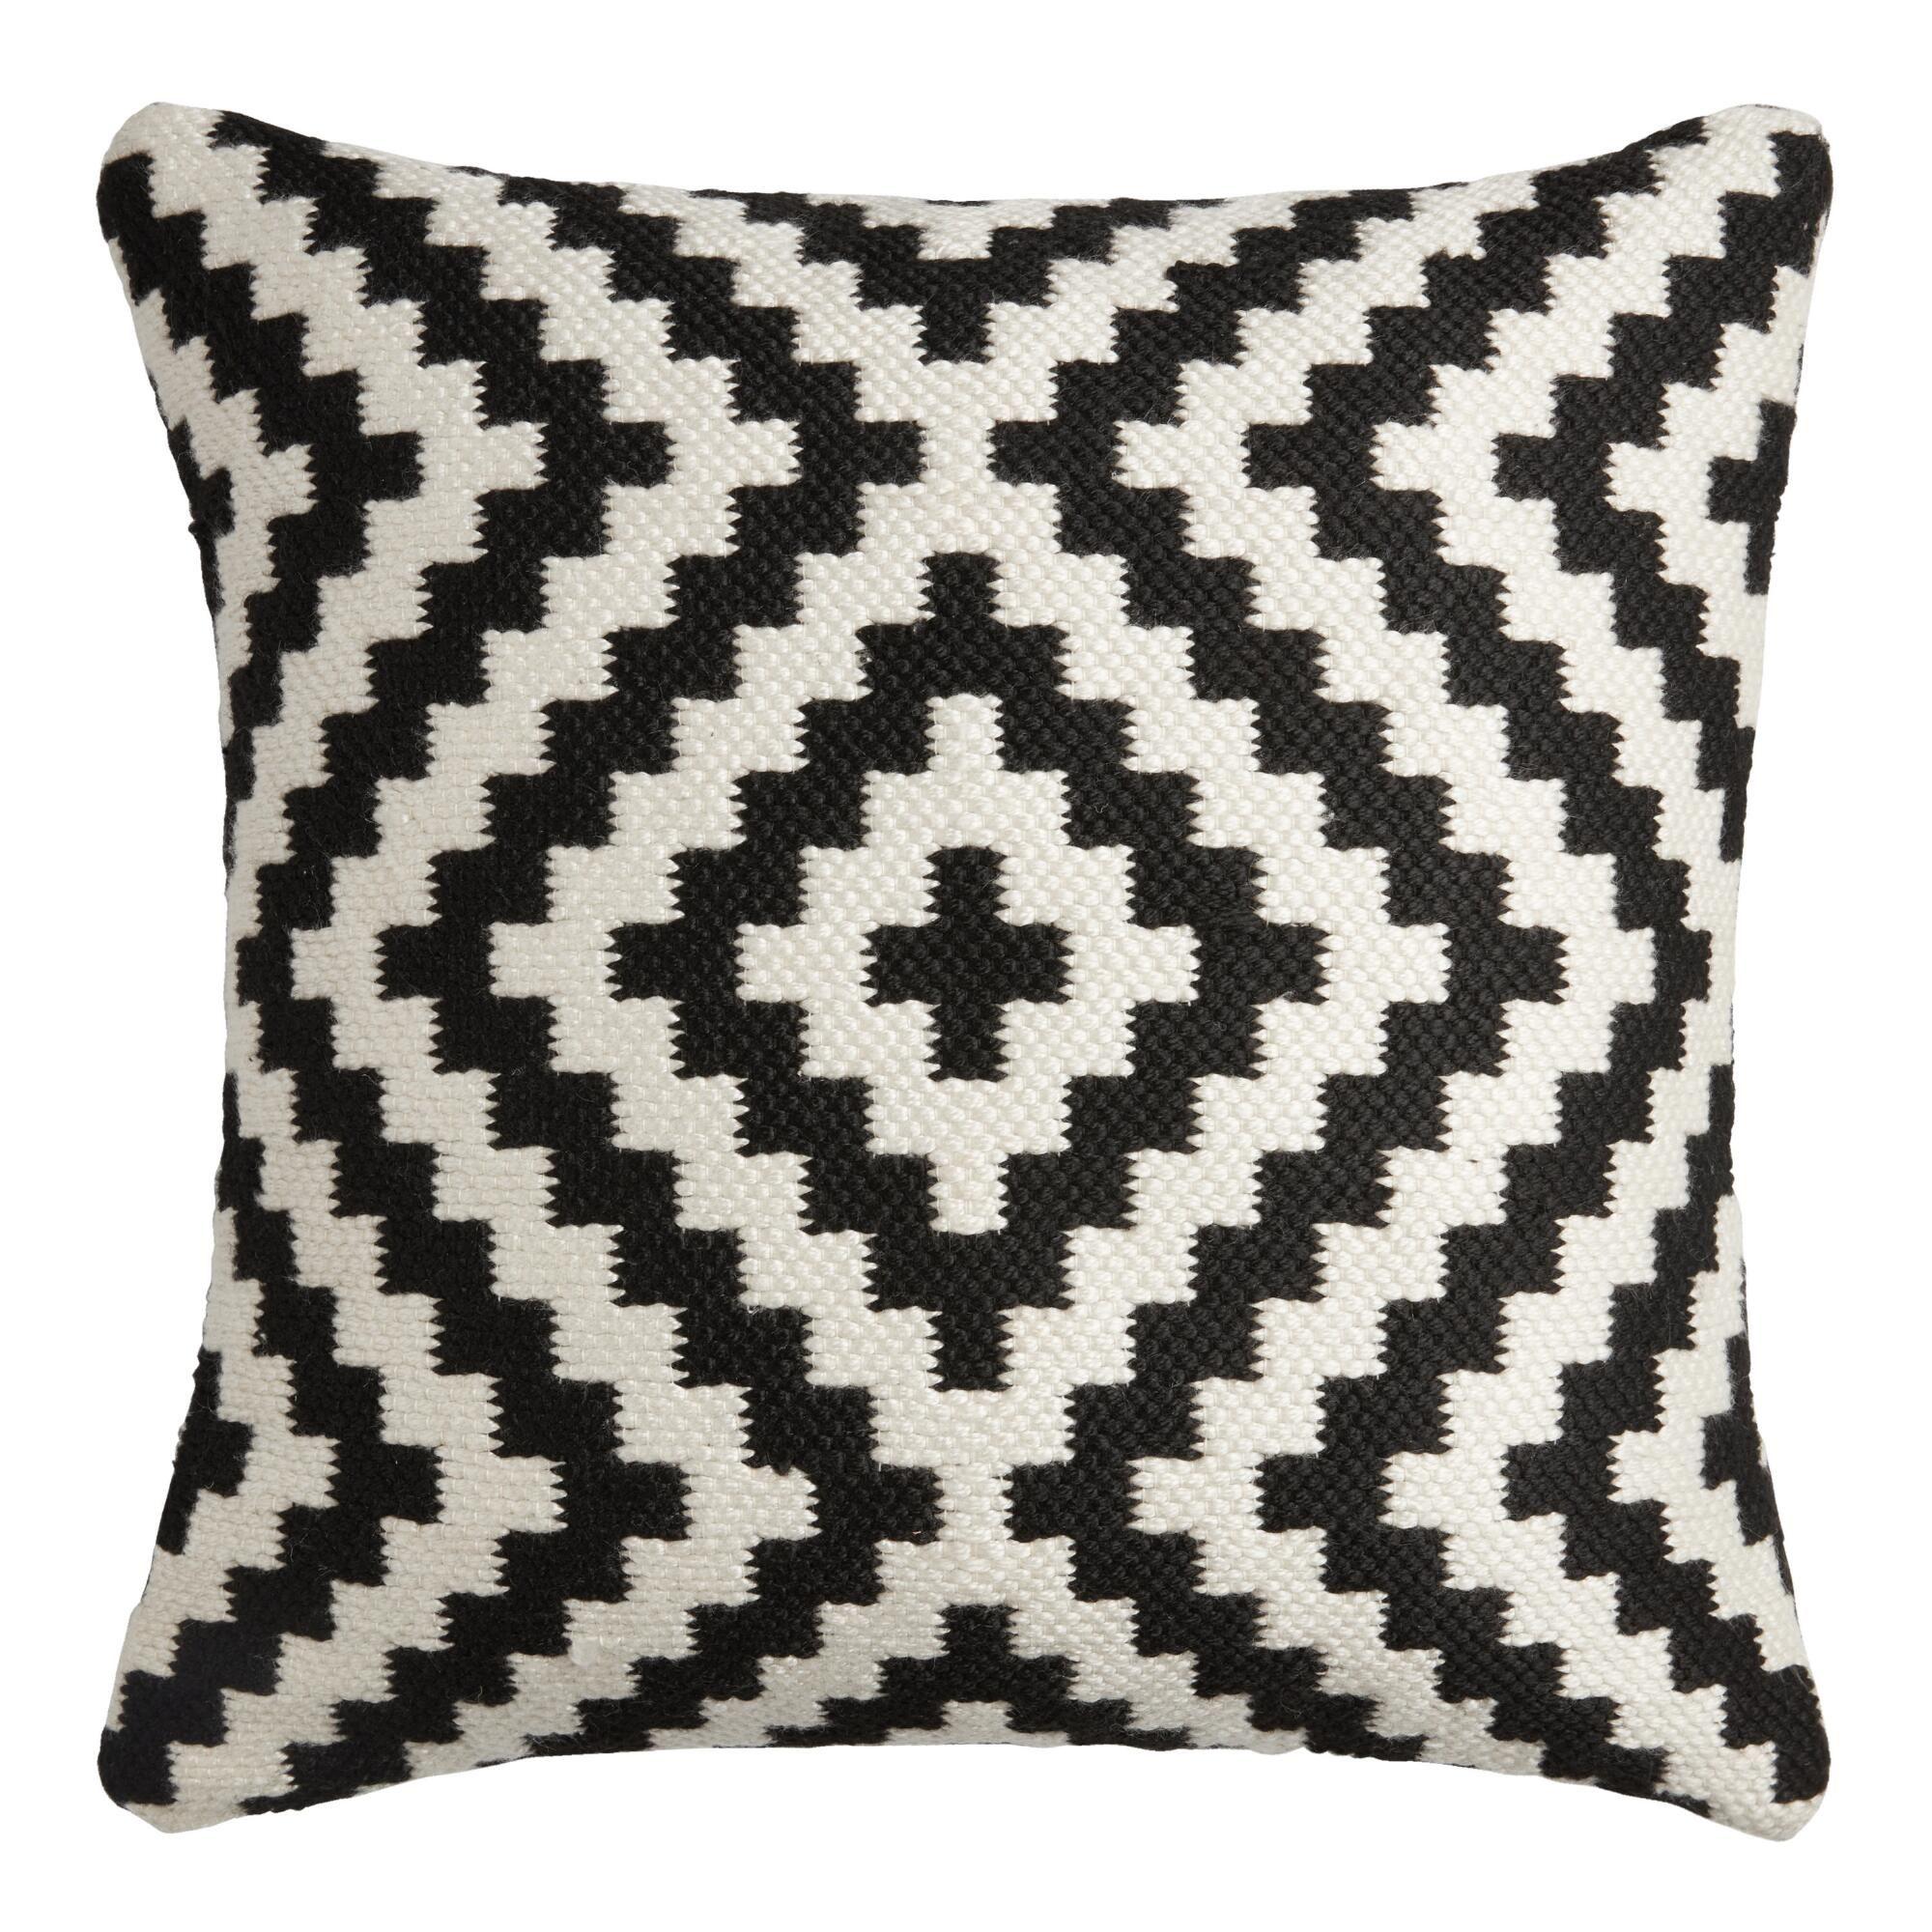 Black And Ivory Geo Zigzag Indoor Outdoor Throw Pillow V1 In 2021 Throw Pillows Geometric Throw Pillows Outdoor Throw Pillows